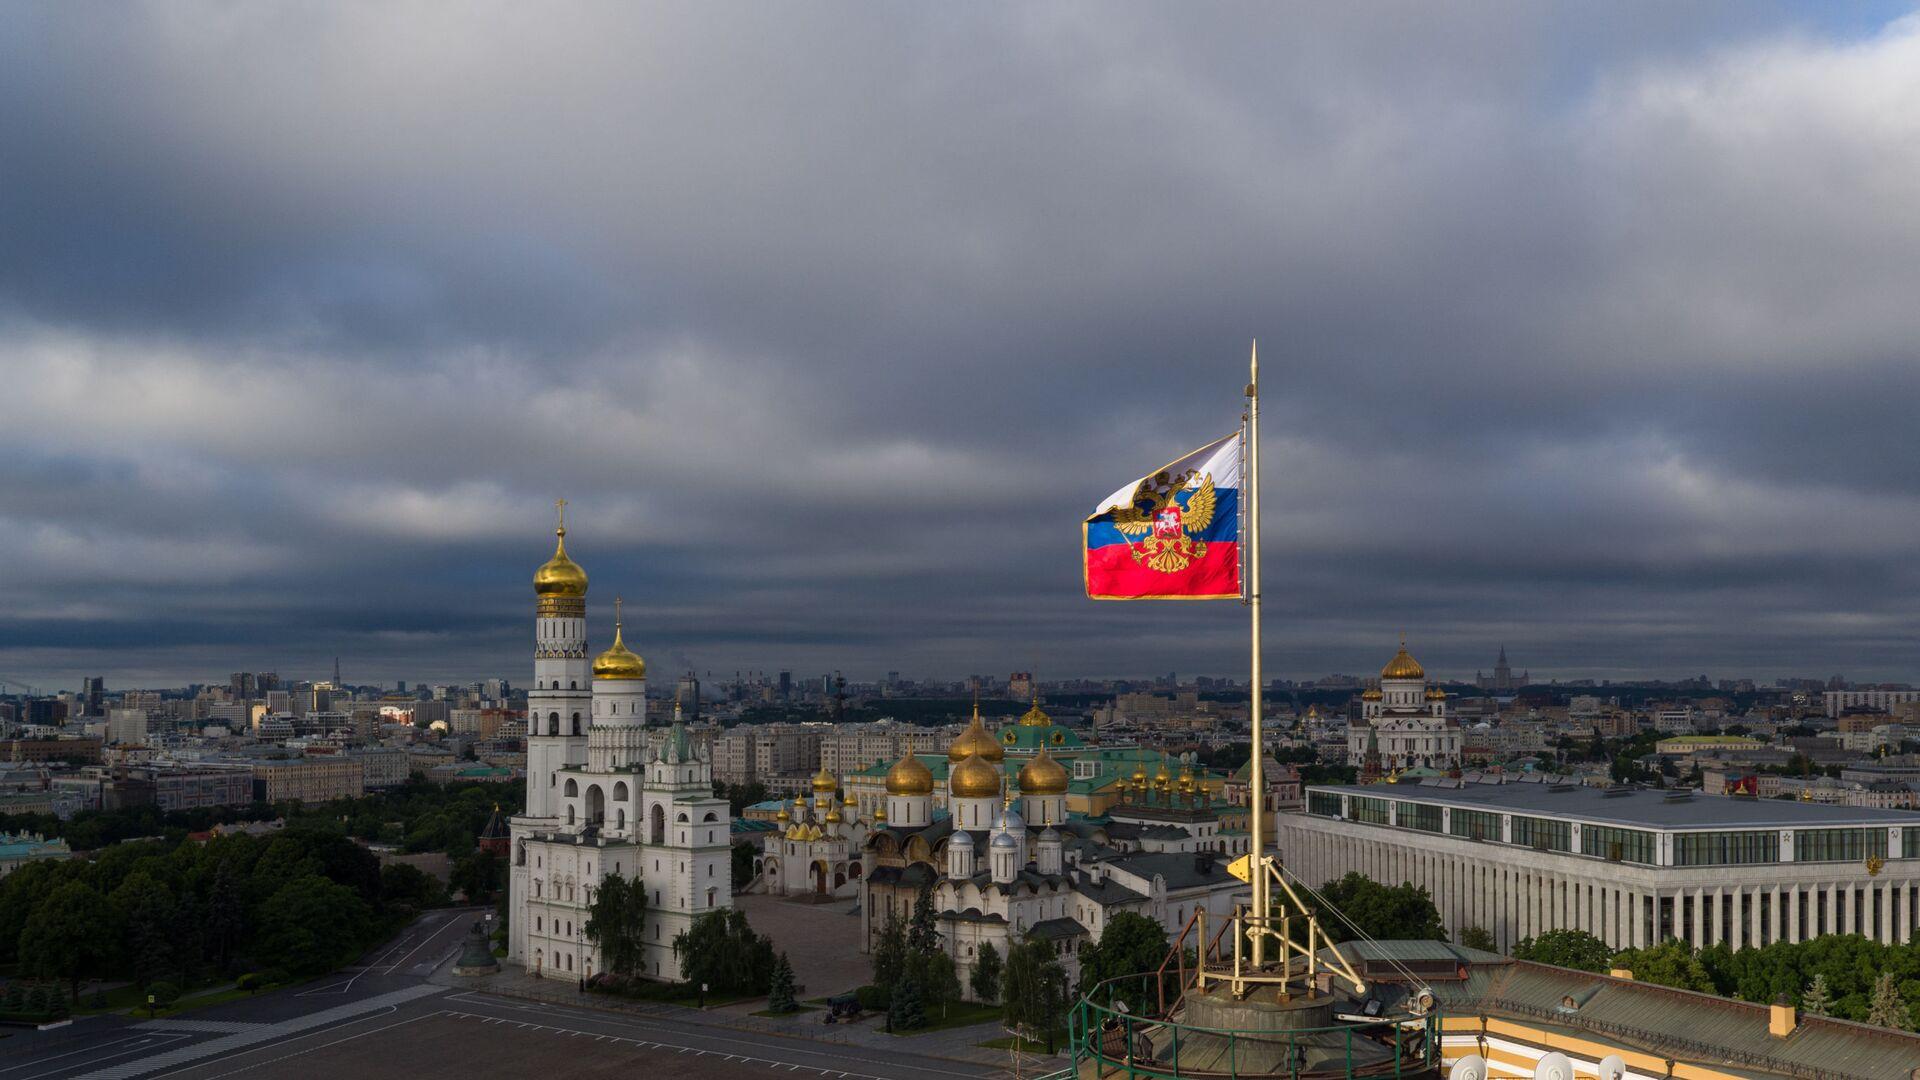 Výhled na Moskevský Kreml - Sputnik Česká republika, 1920, 20.04.2021